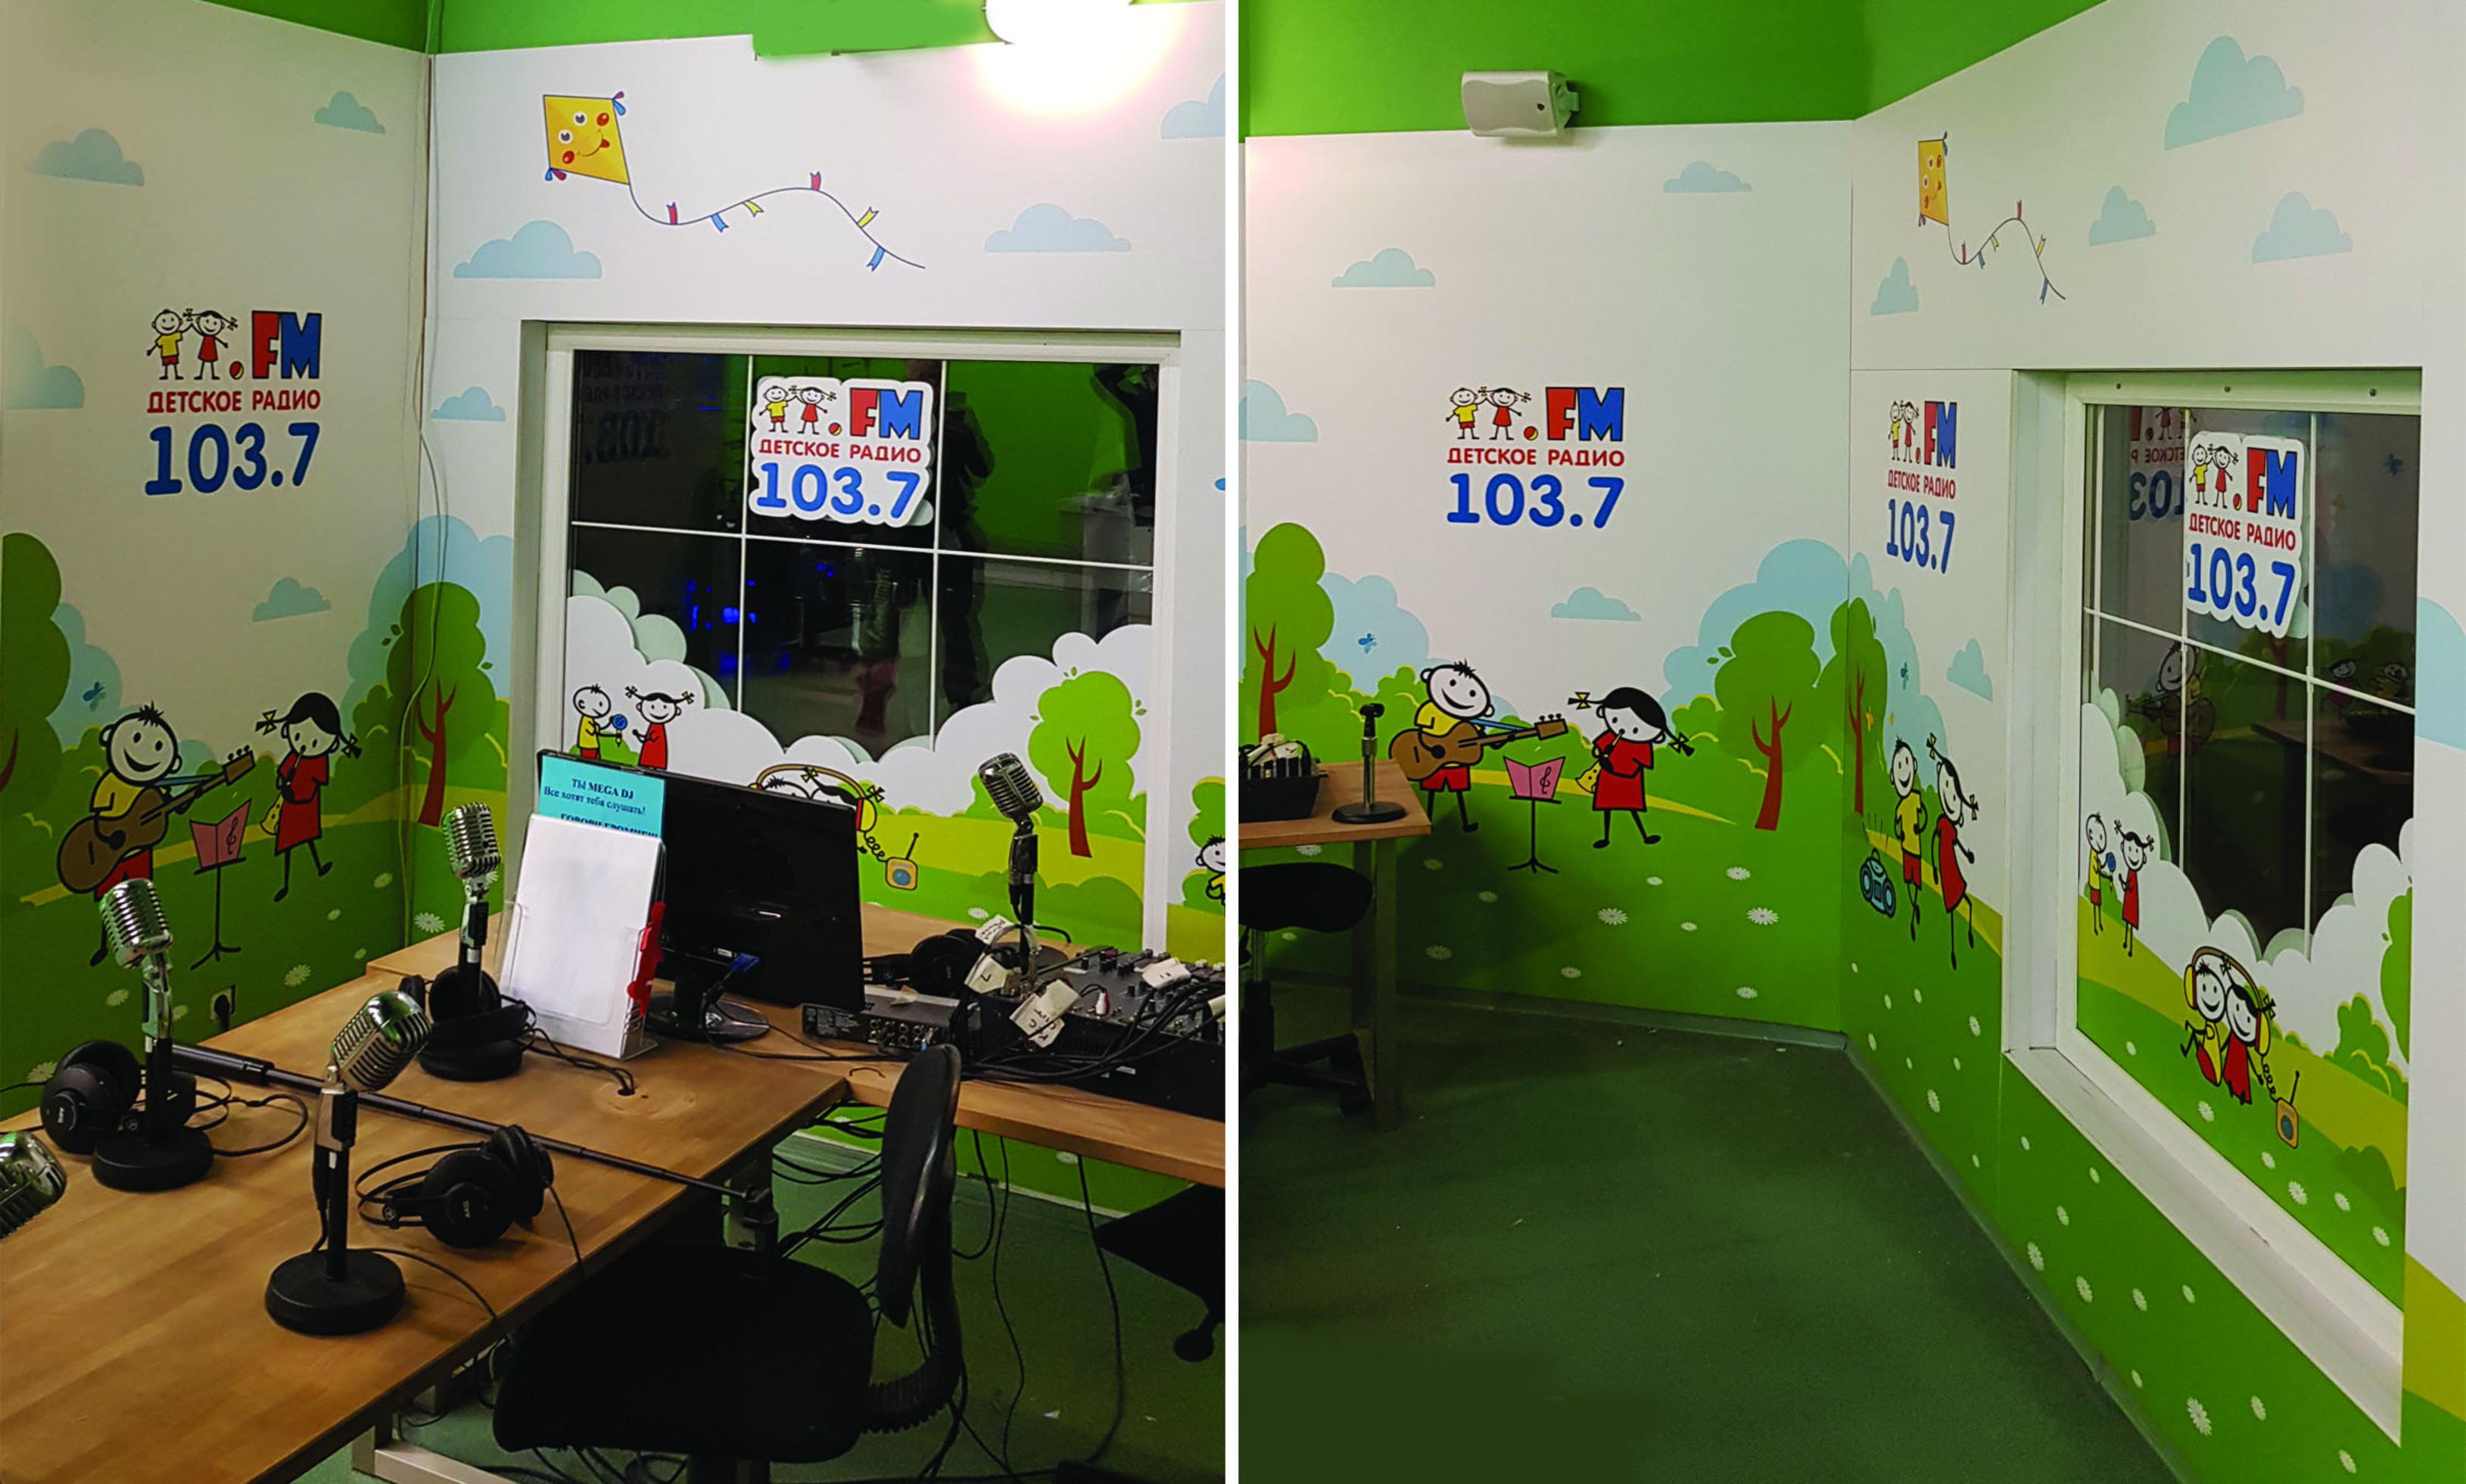 11_01_21_детское_радио2.cv60i 2